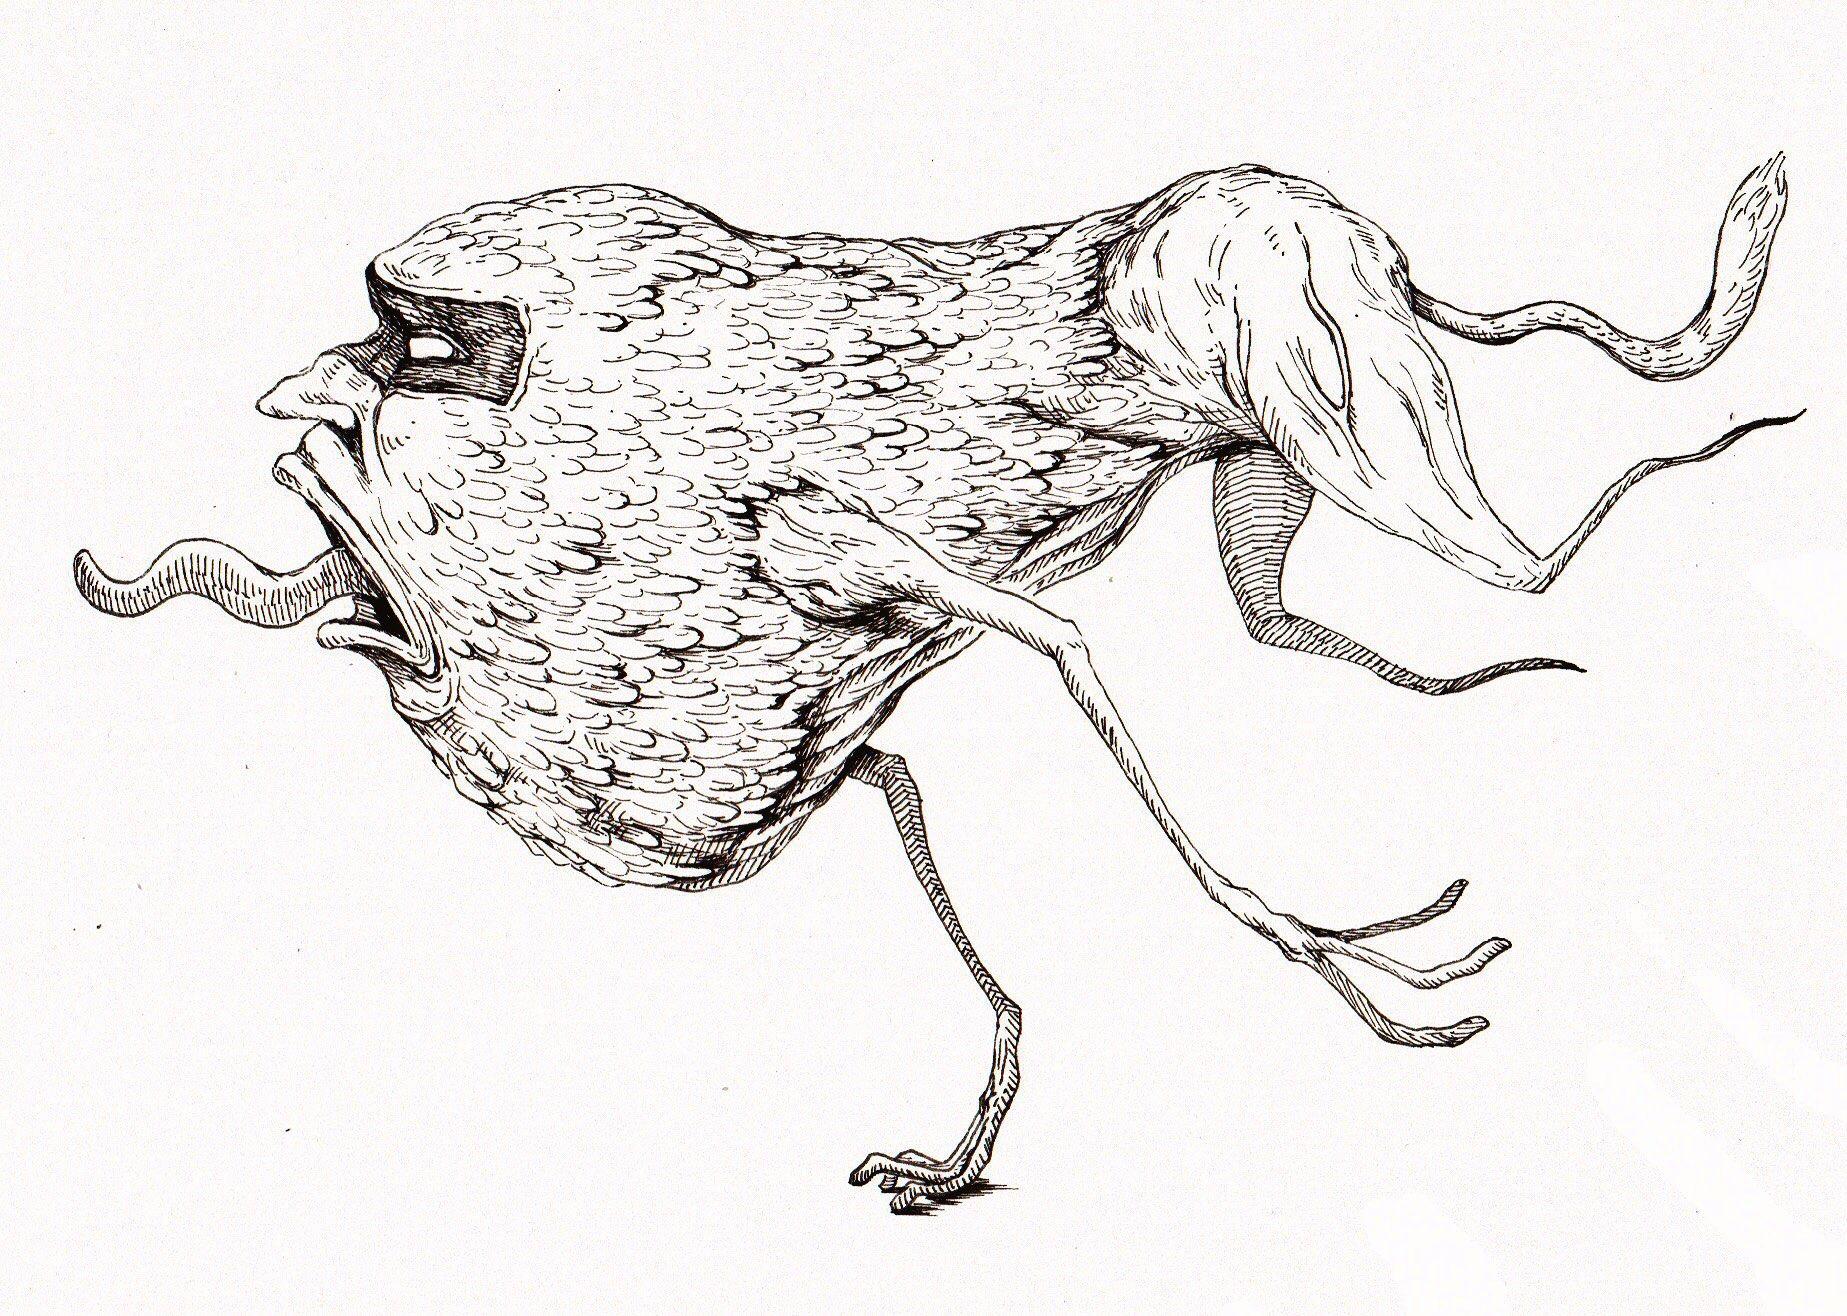 狡兎 死 し て 走狗 煮 ら る